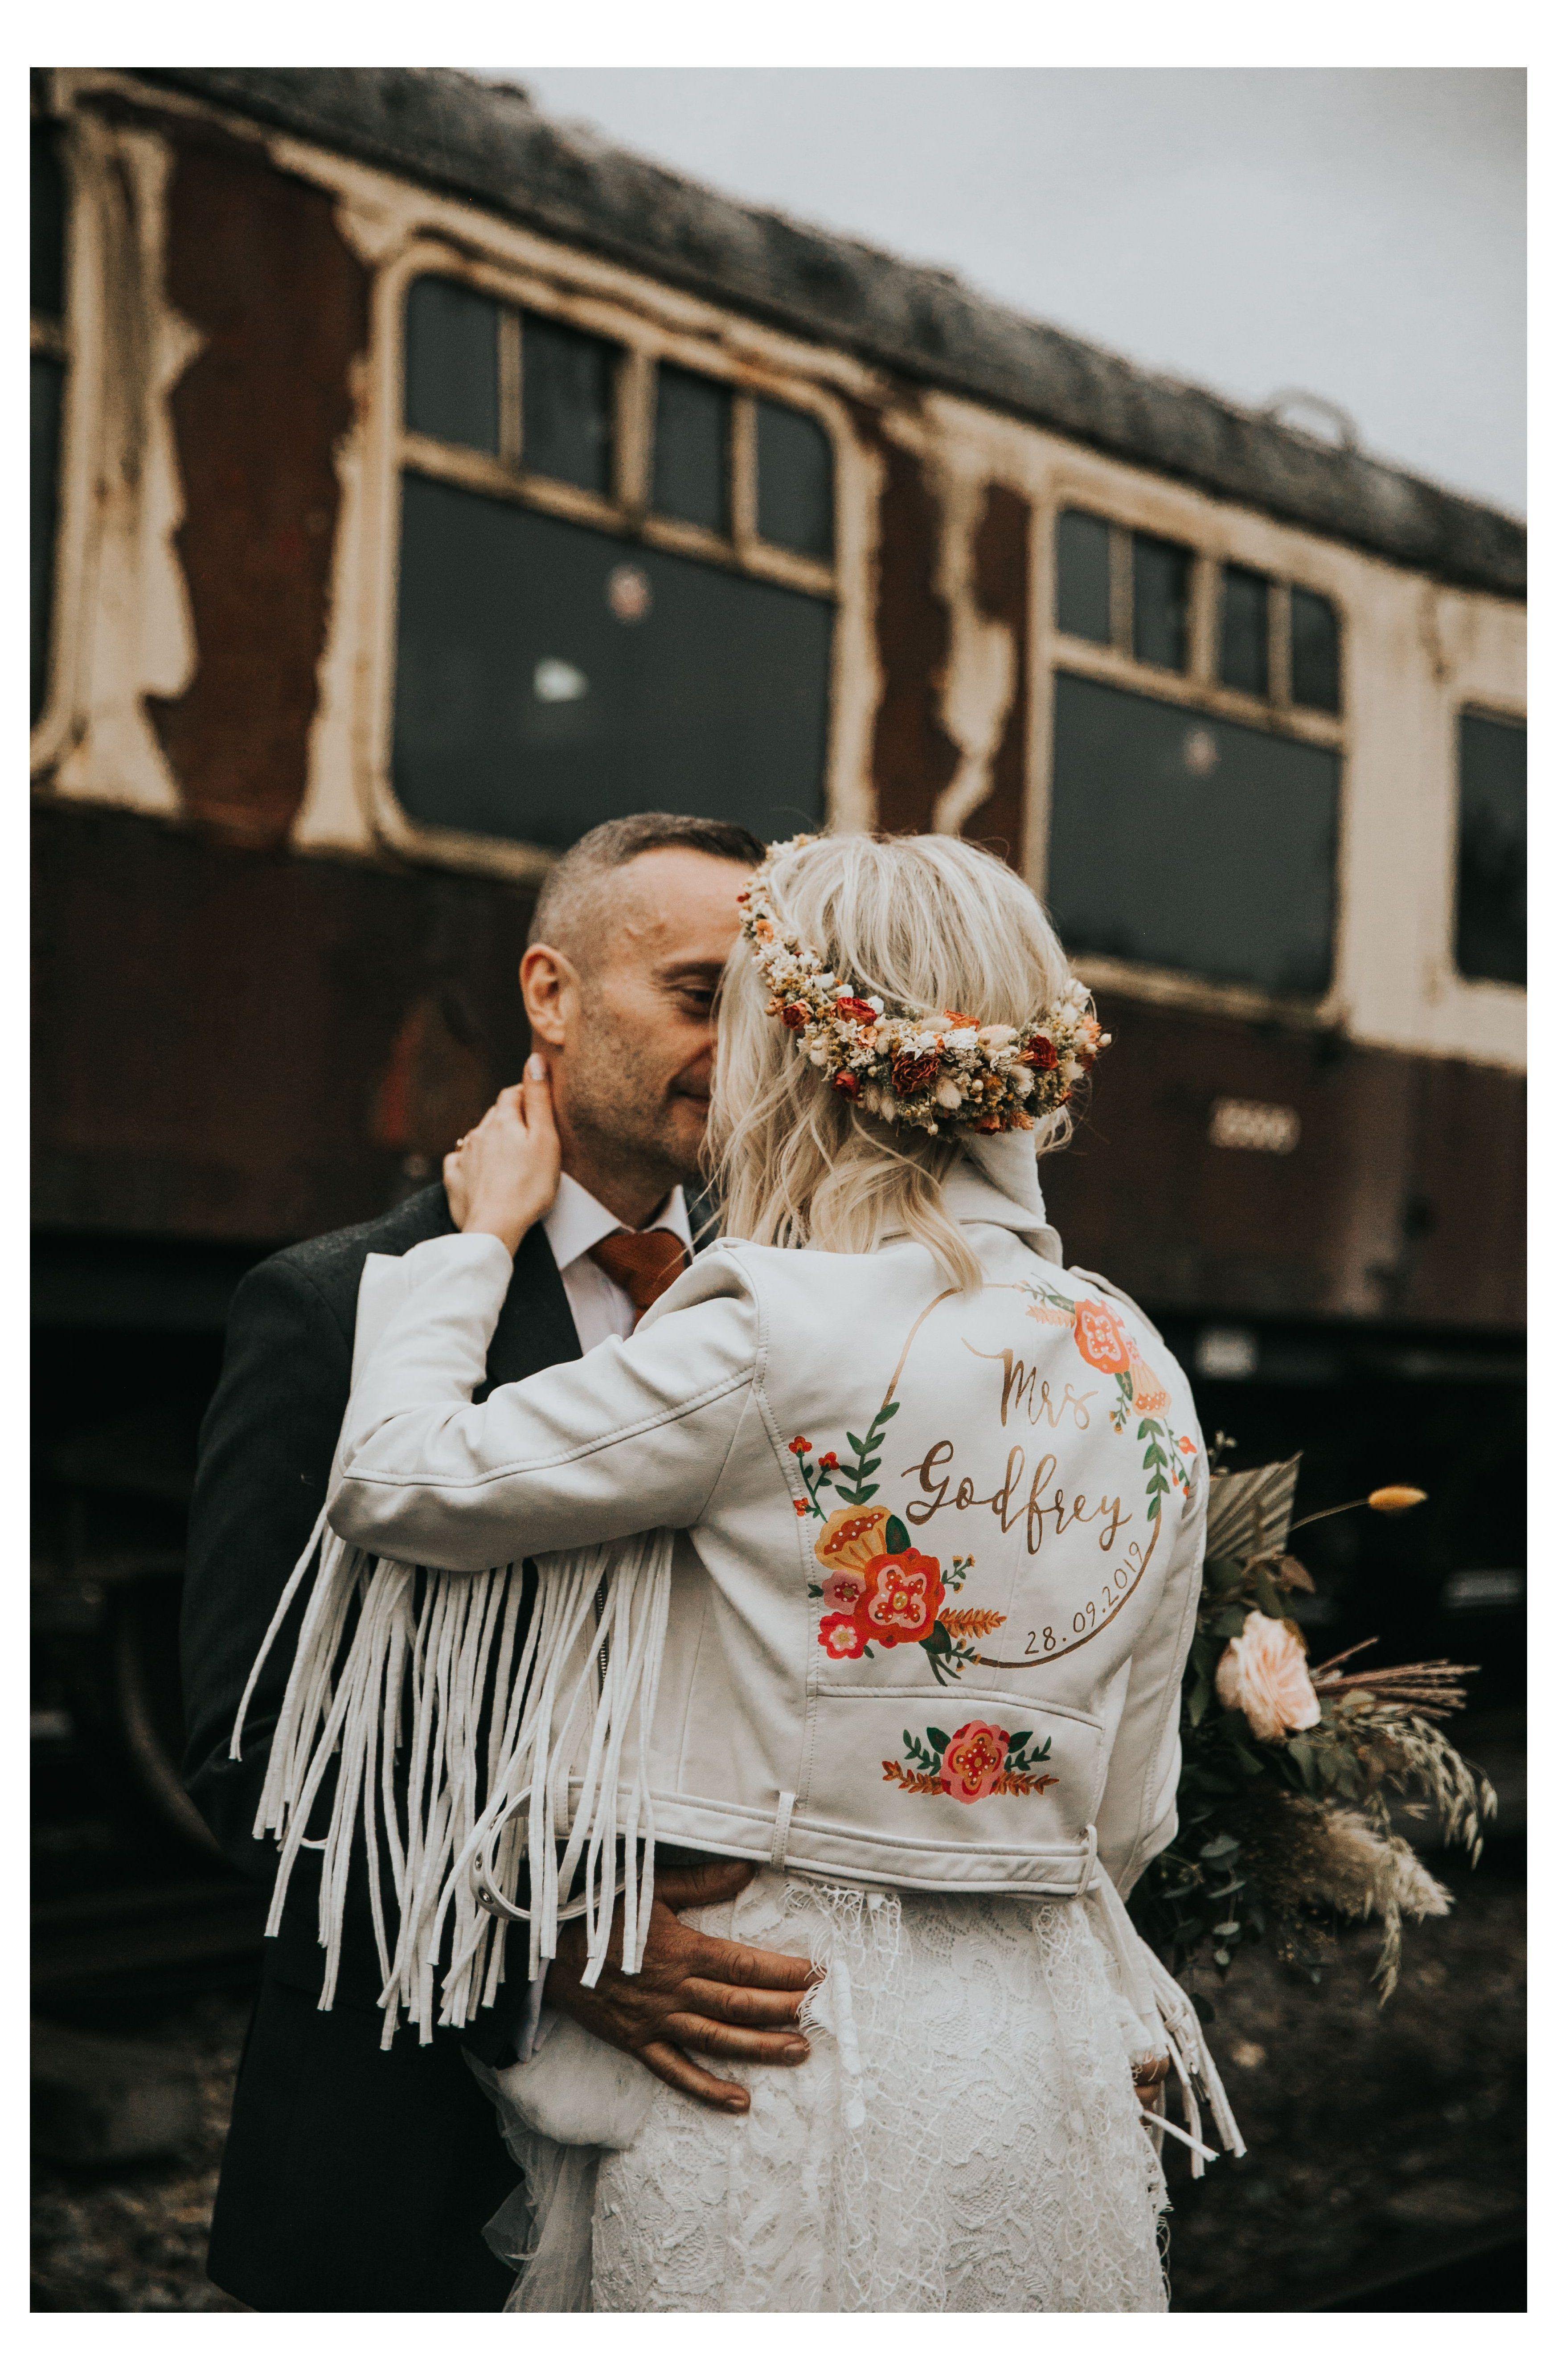 Painted Customised Bride Mrs White Leather Fringed Jacket A Great Wedding Idea For A Boho Bride Fringe Ja Leather Jacket Wedding Retro Wedding Bride Jacket [ 5342 x 3494 Pixel ]